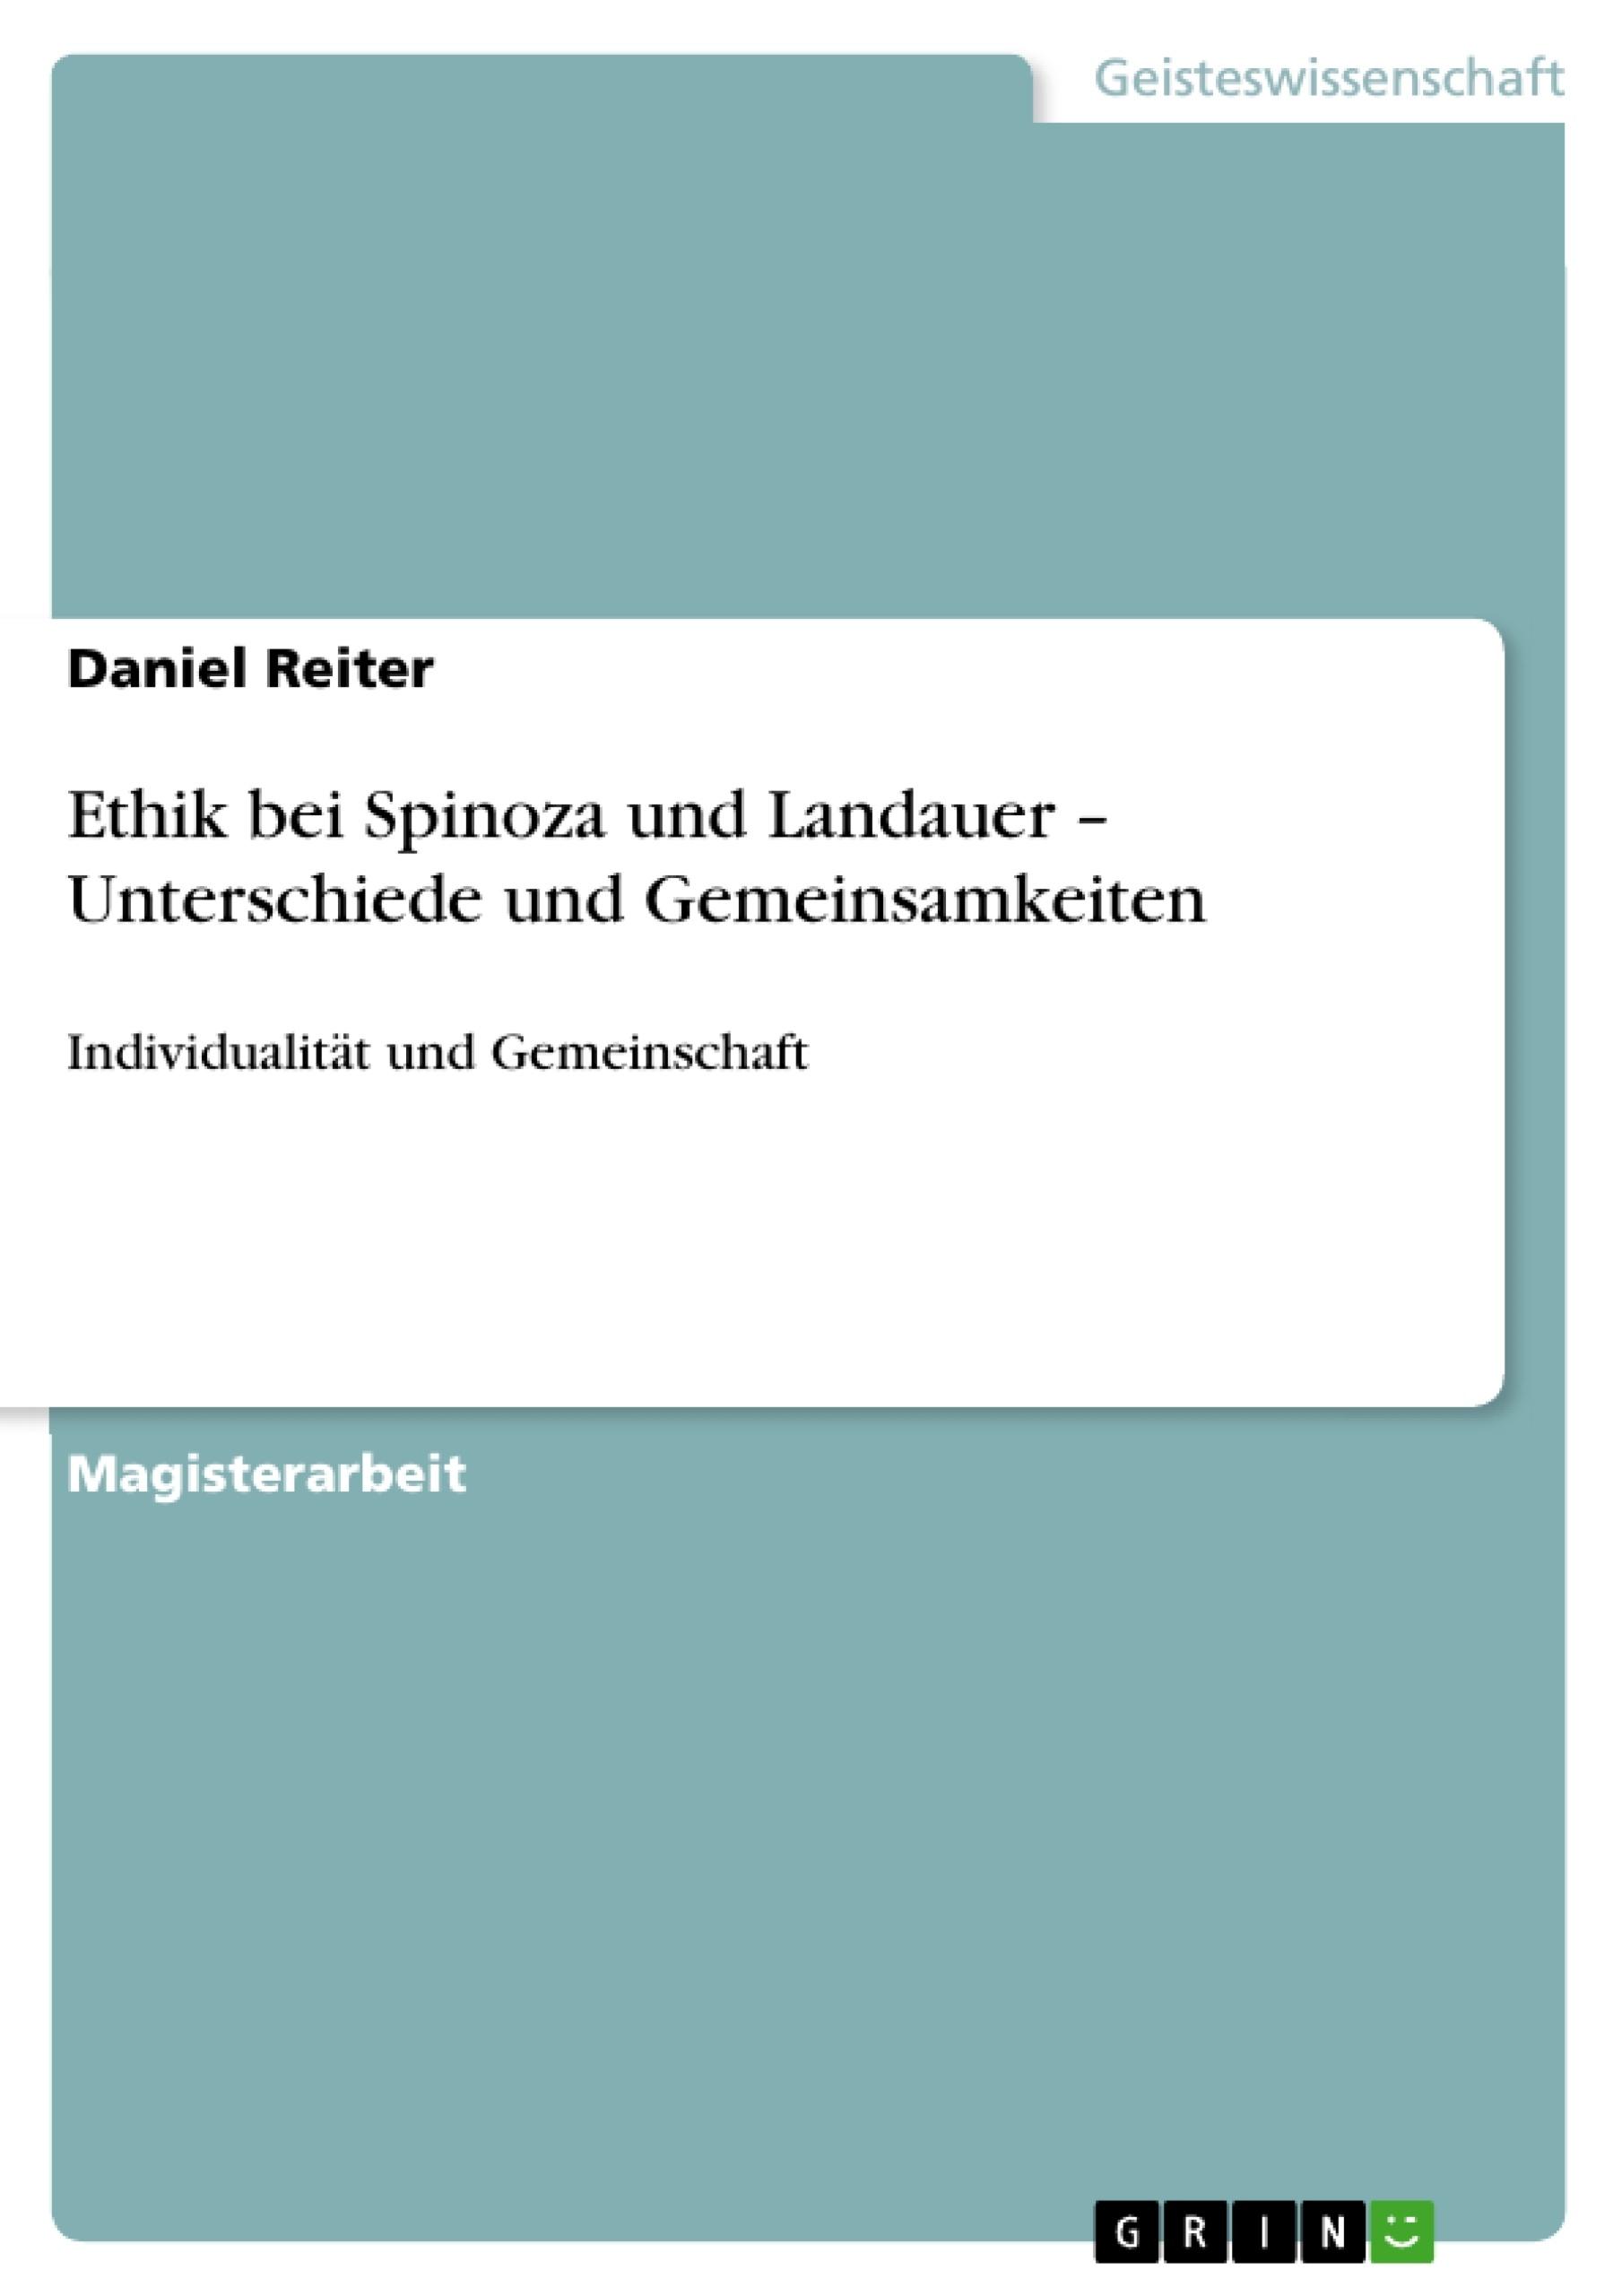 Titel: Ethik bei Spinoza und Landauer – Unterschiede und Gemeinsamkeiten